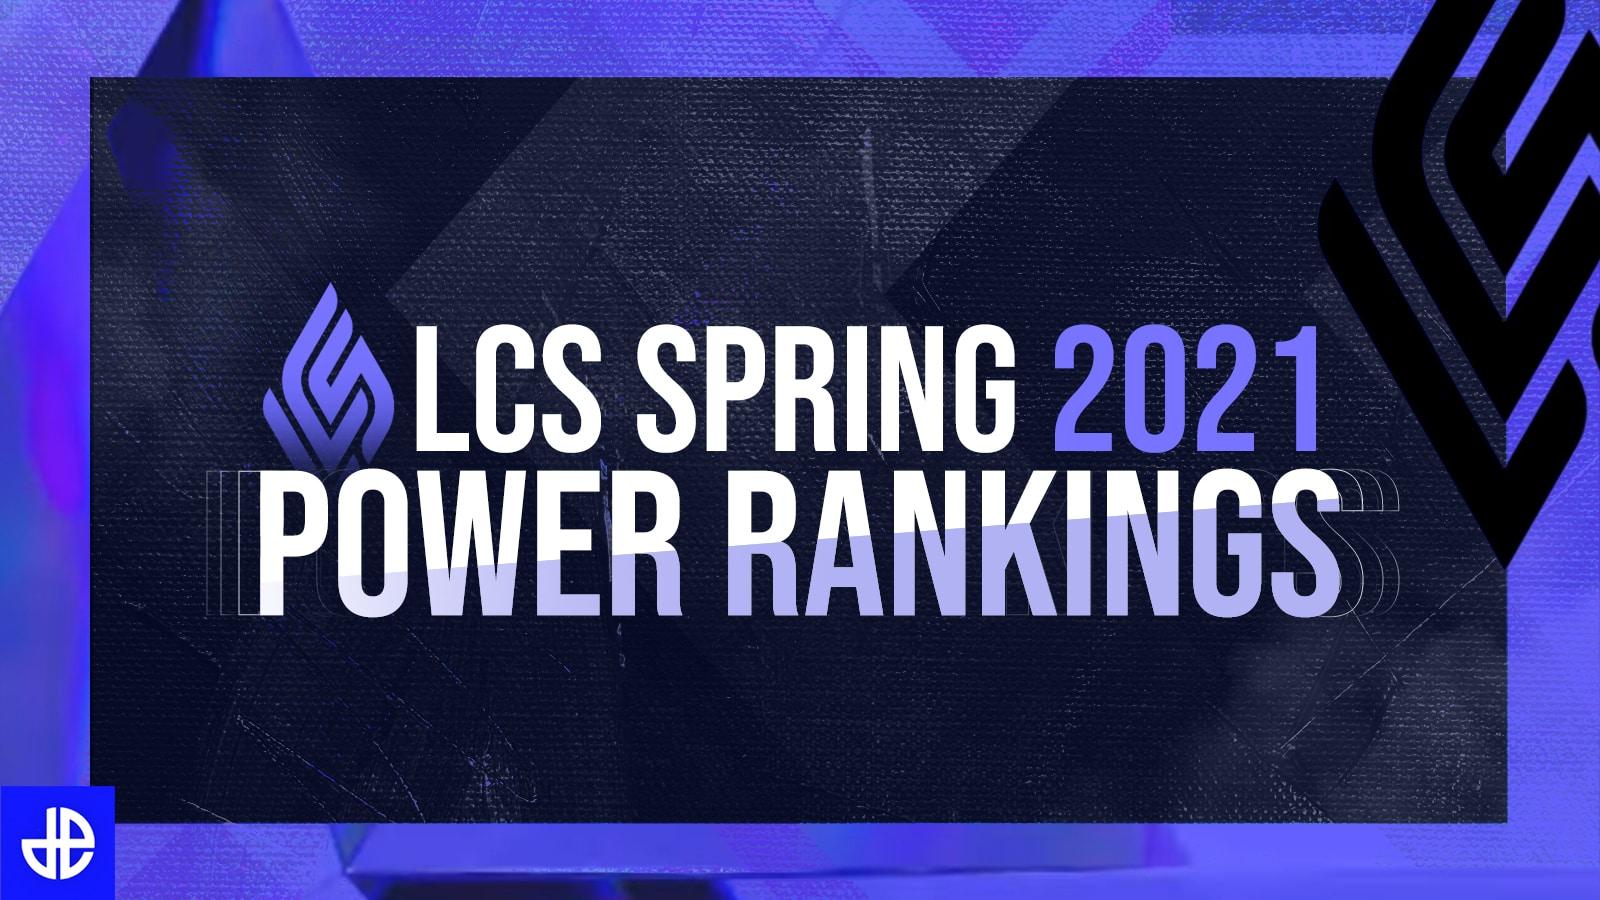 LCS Spring 2021 header